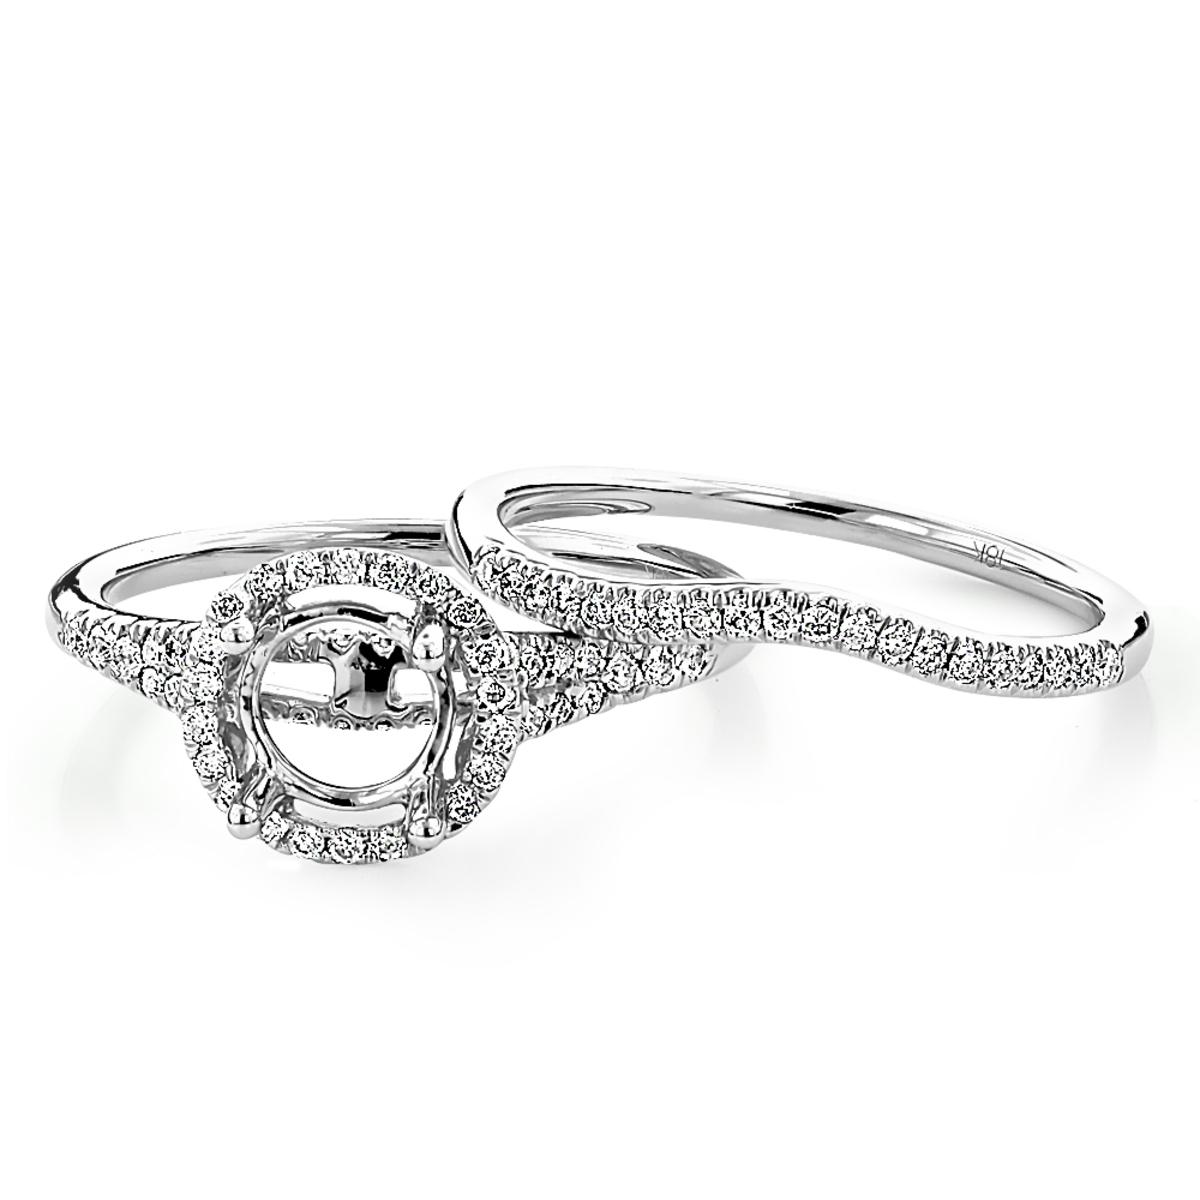 Halo 18K Gold Ladies Round Diamond Engagement Ring Mounting Set 0.54ct